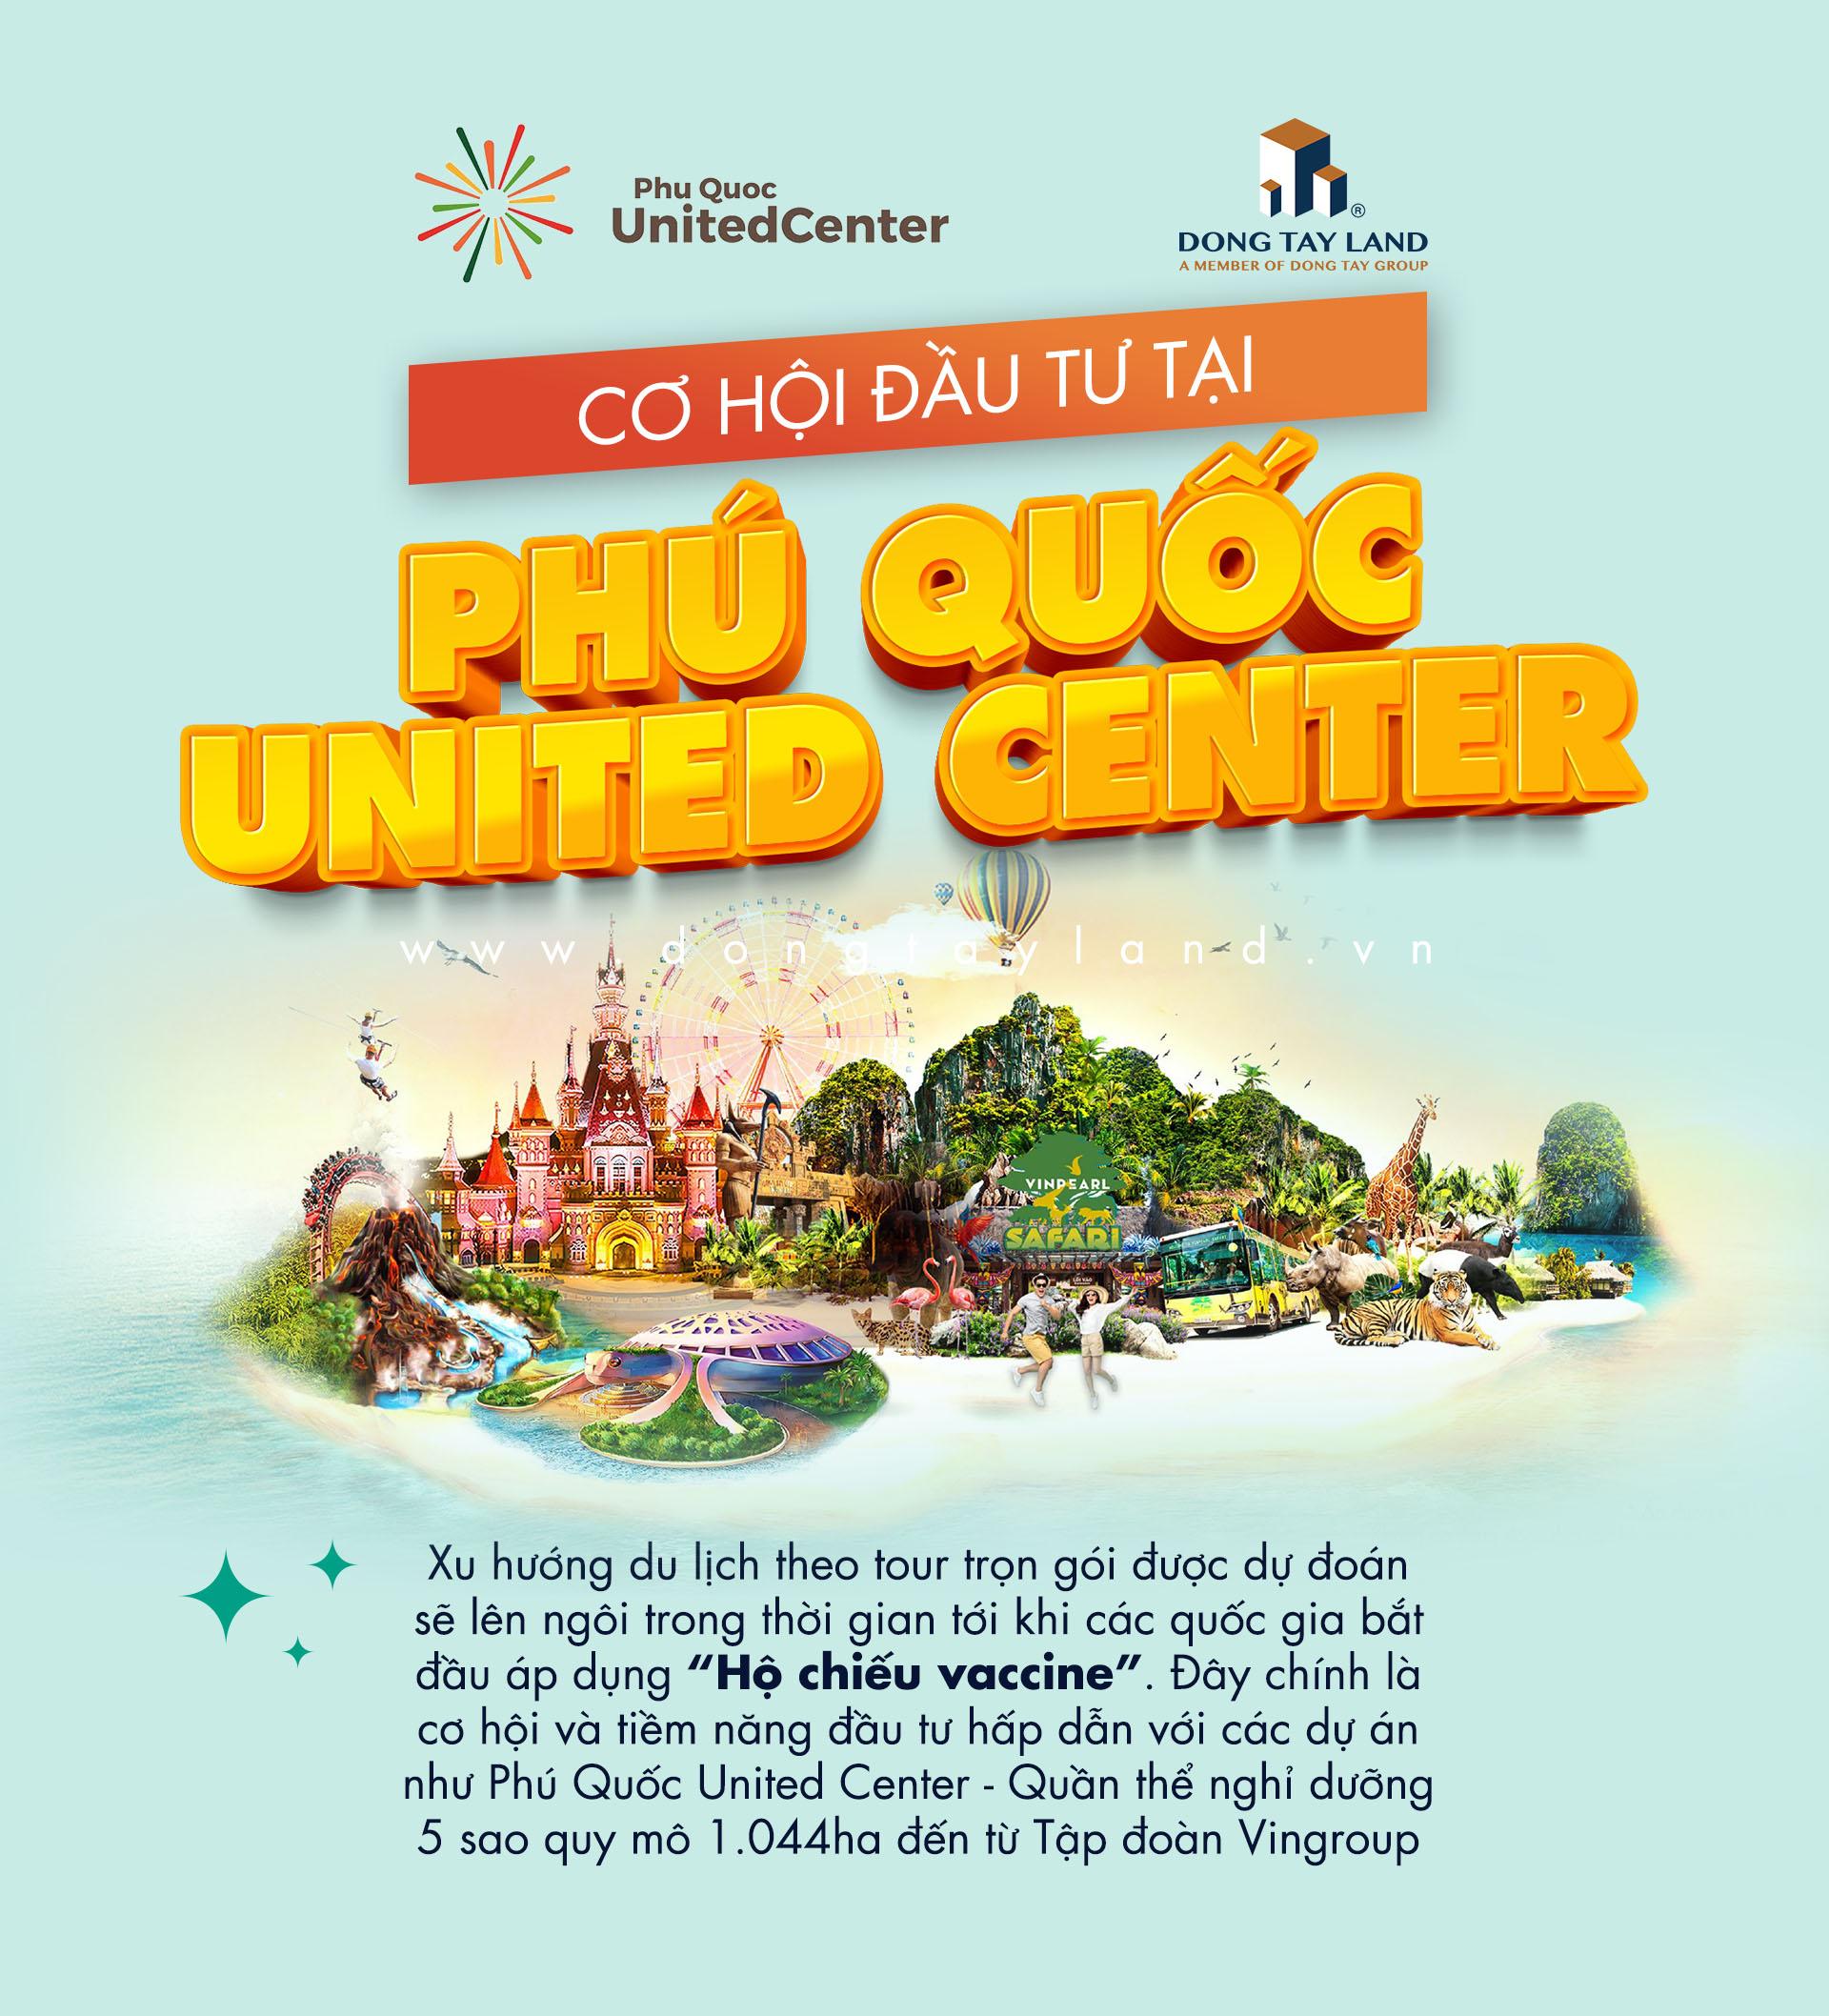 Cơ hội đầu tư cùng Phu Quoc United Center